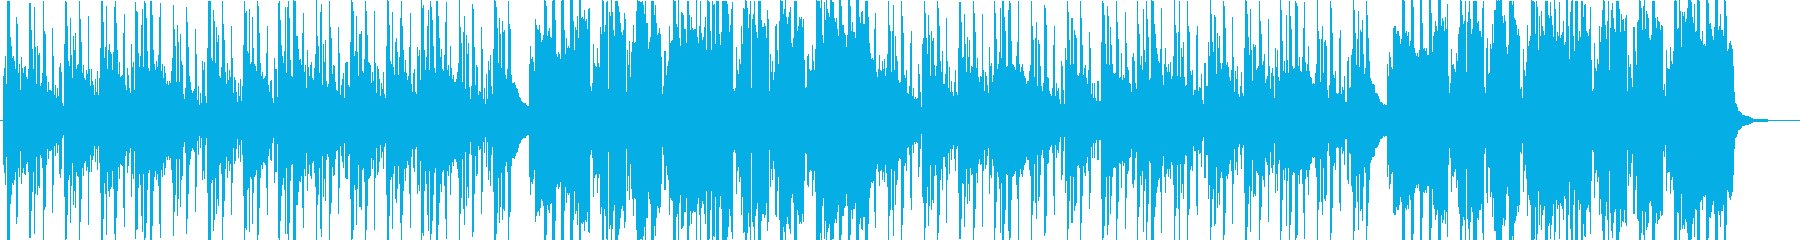 家具・モダン HipHopの再生済みの波形